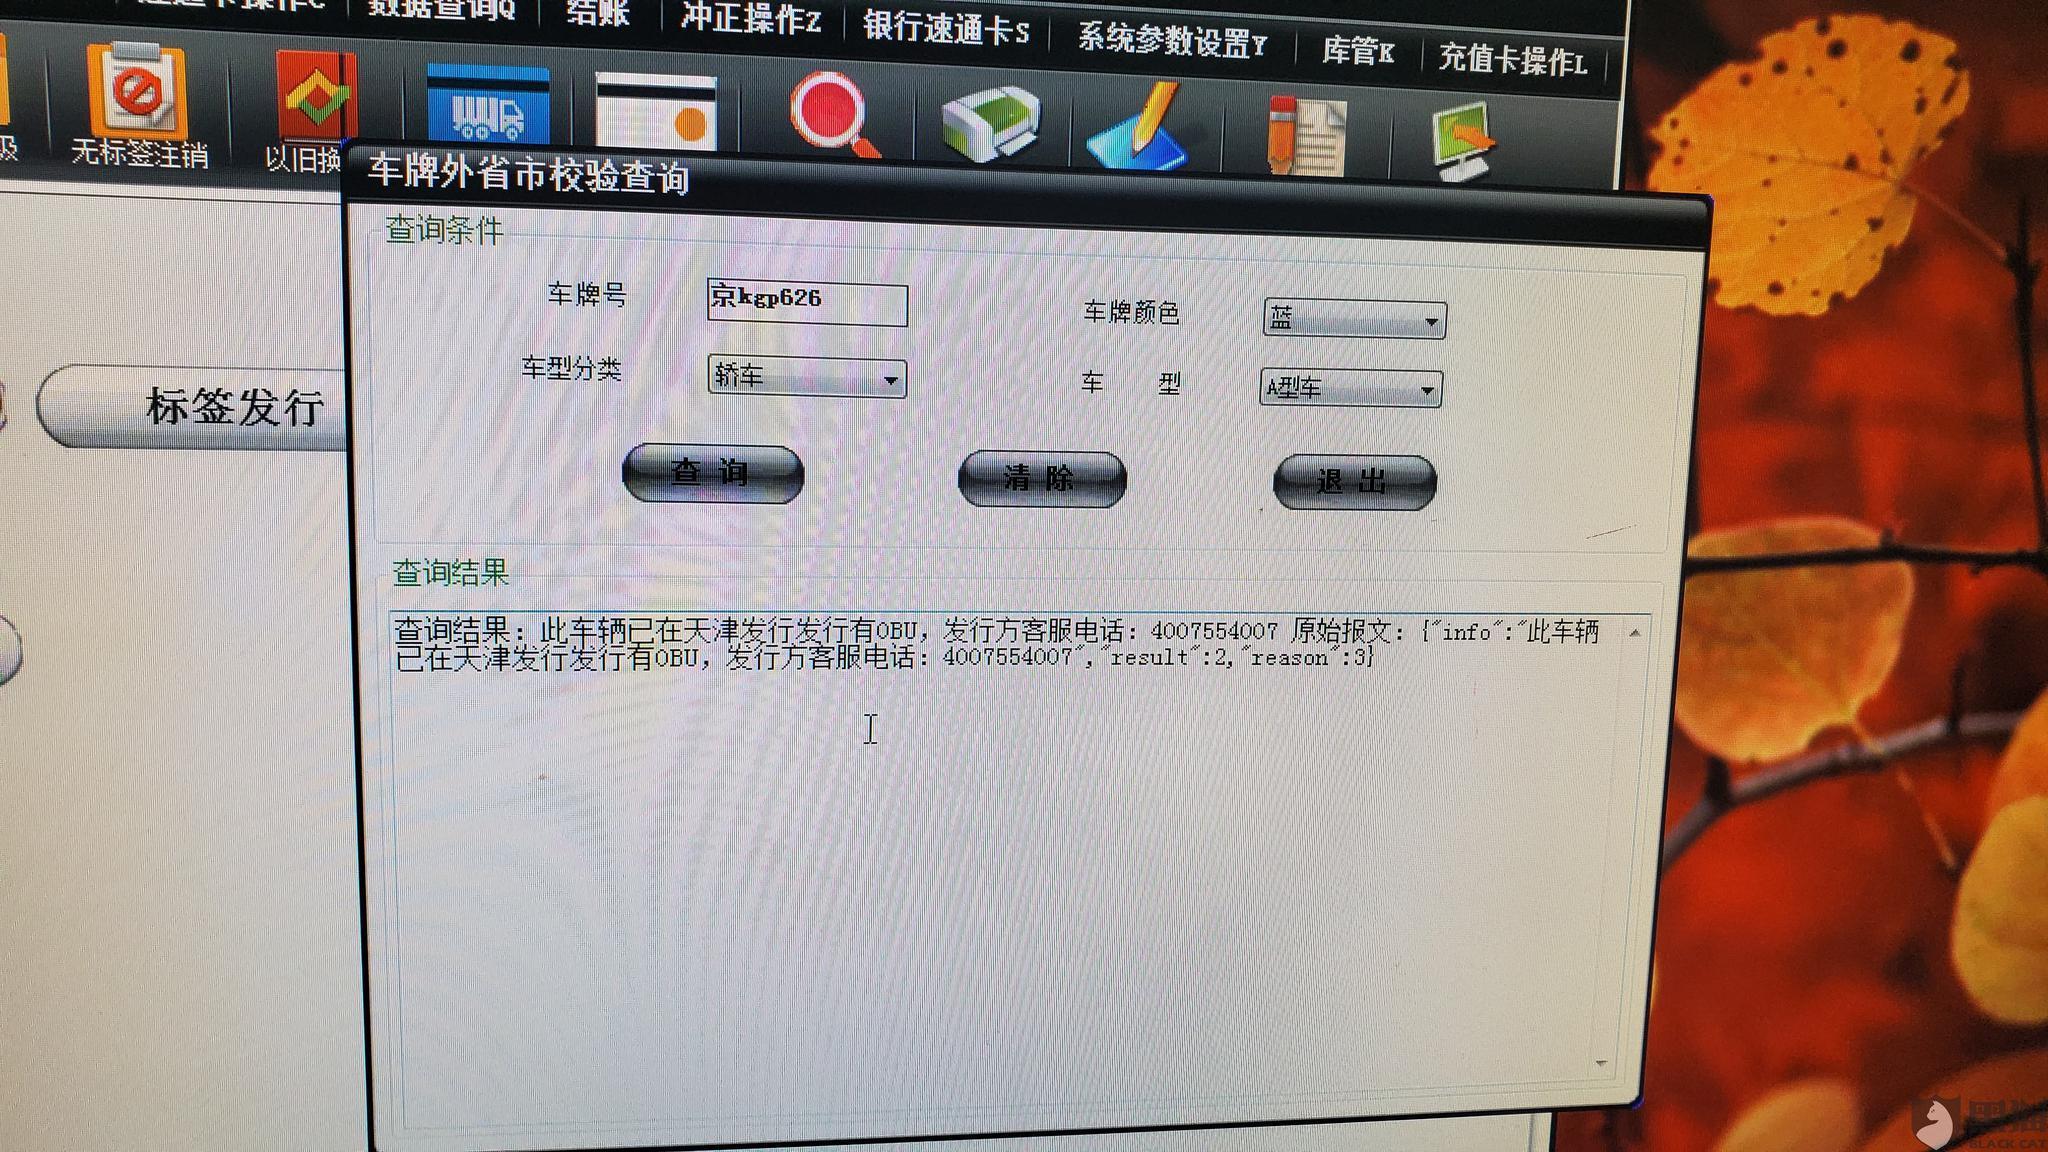 黑猫投诉:北京 天津 Etc 信息不同步 原车主不注销 导致重启号牌无法新办Etc!